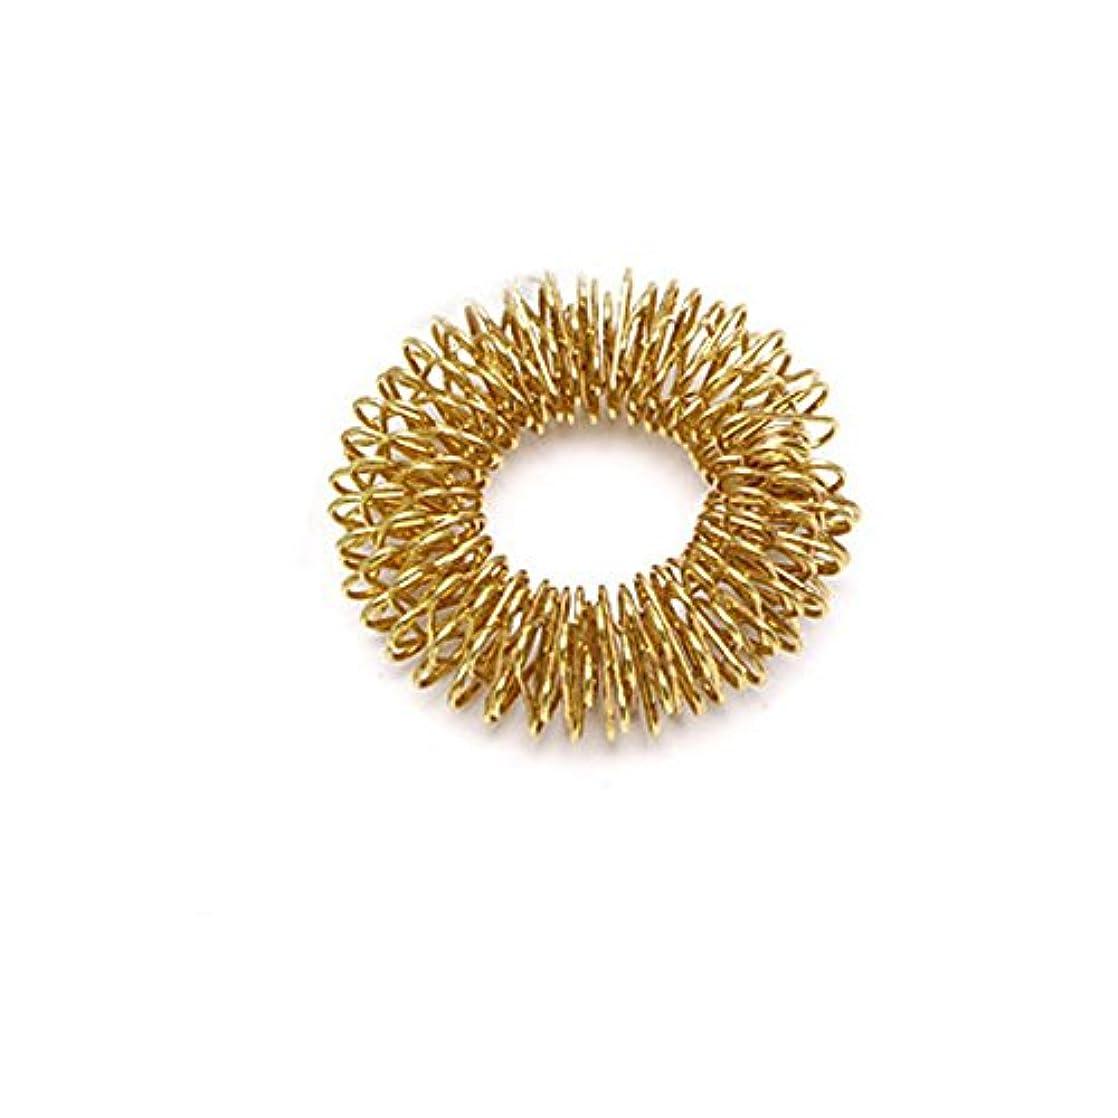 安心させるルーム外側Manyao ボディフィンガーマッサージリング鍼灸リングヘルスケアゴールド/シルバーメッキクール (ゴールド)